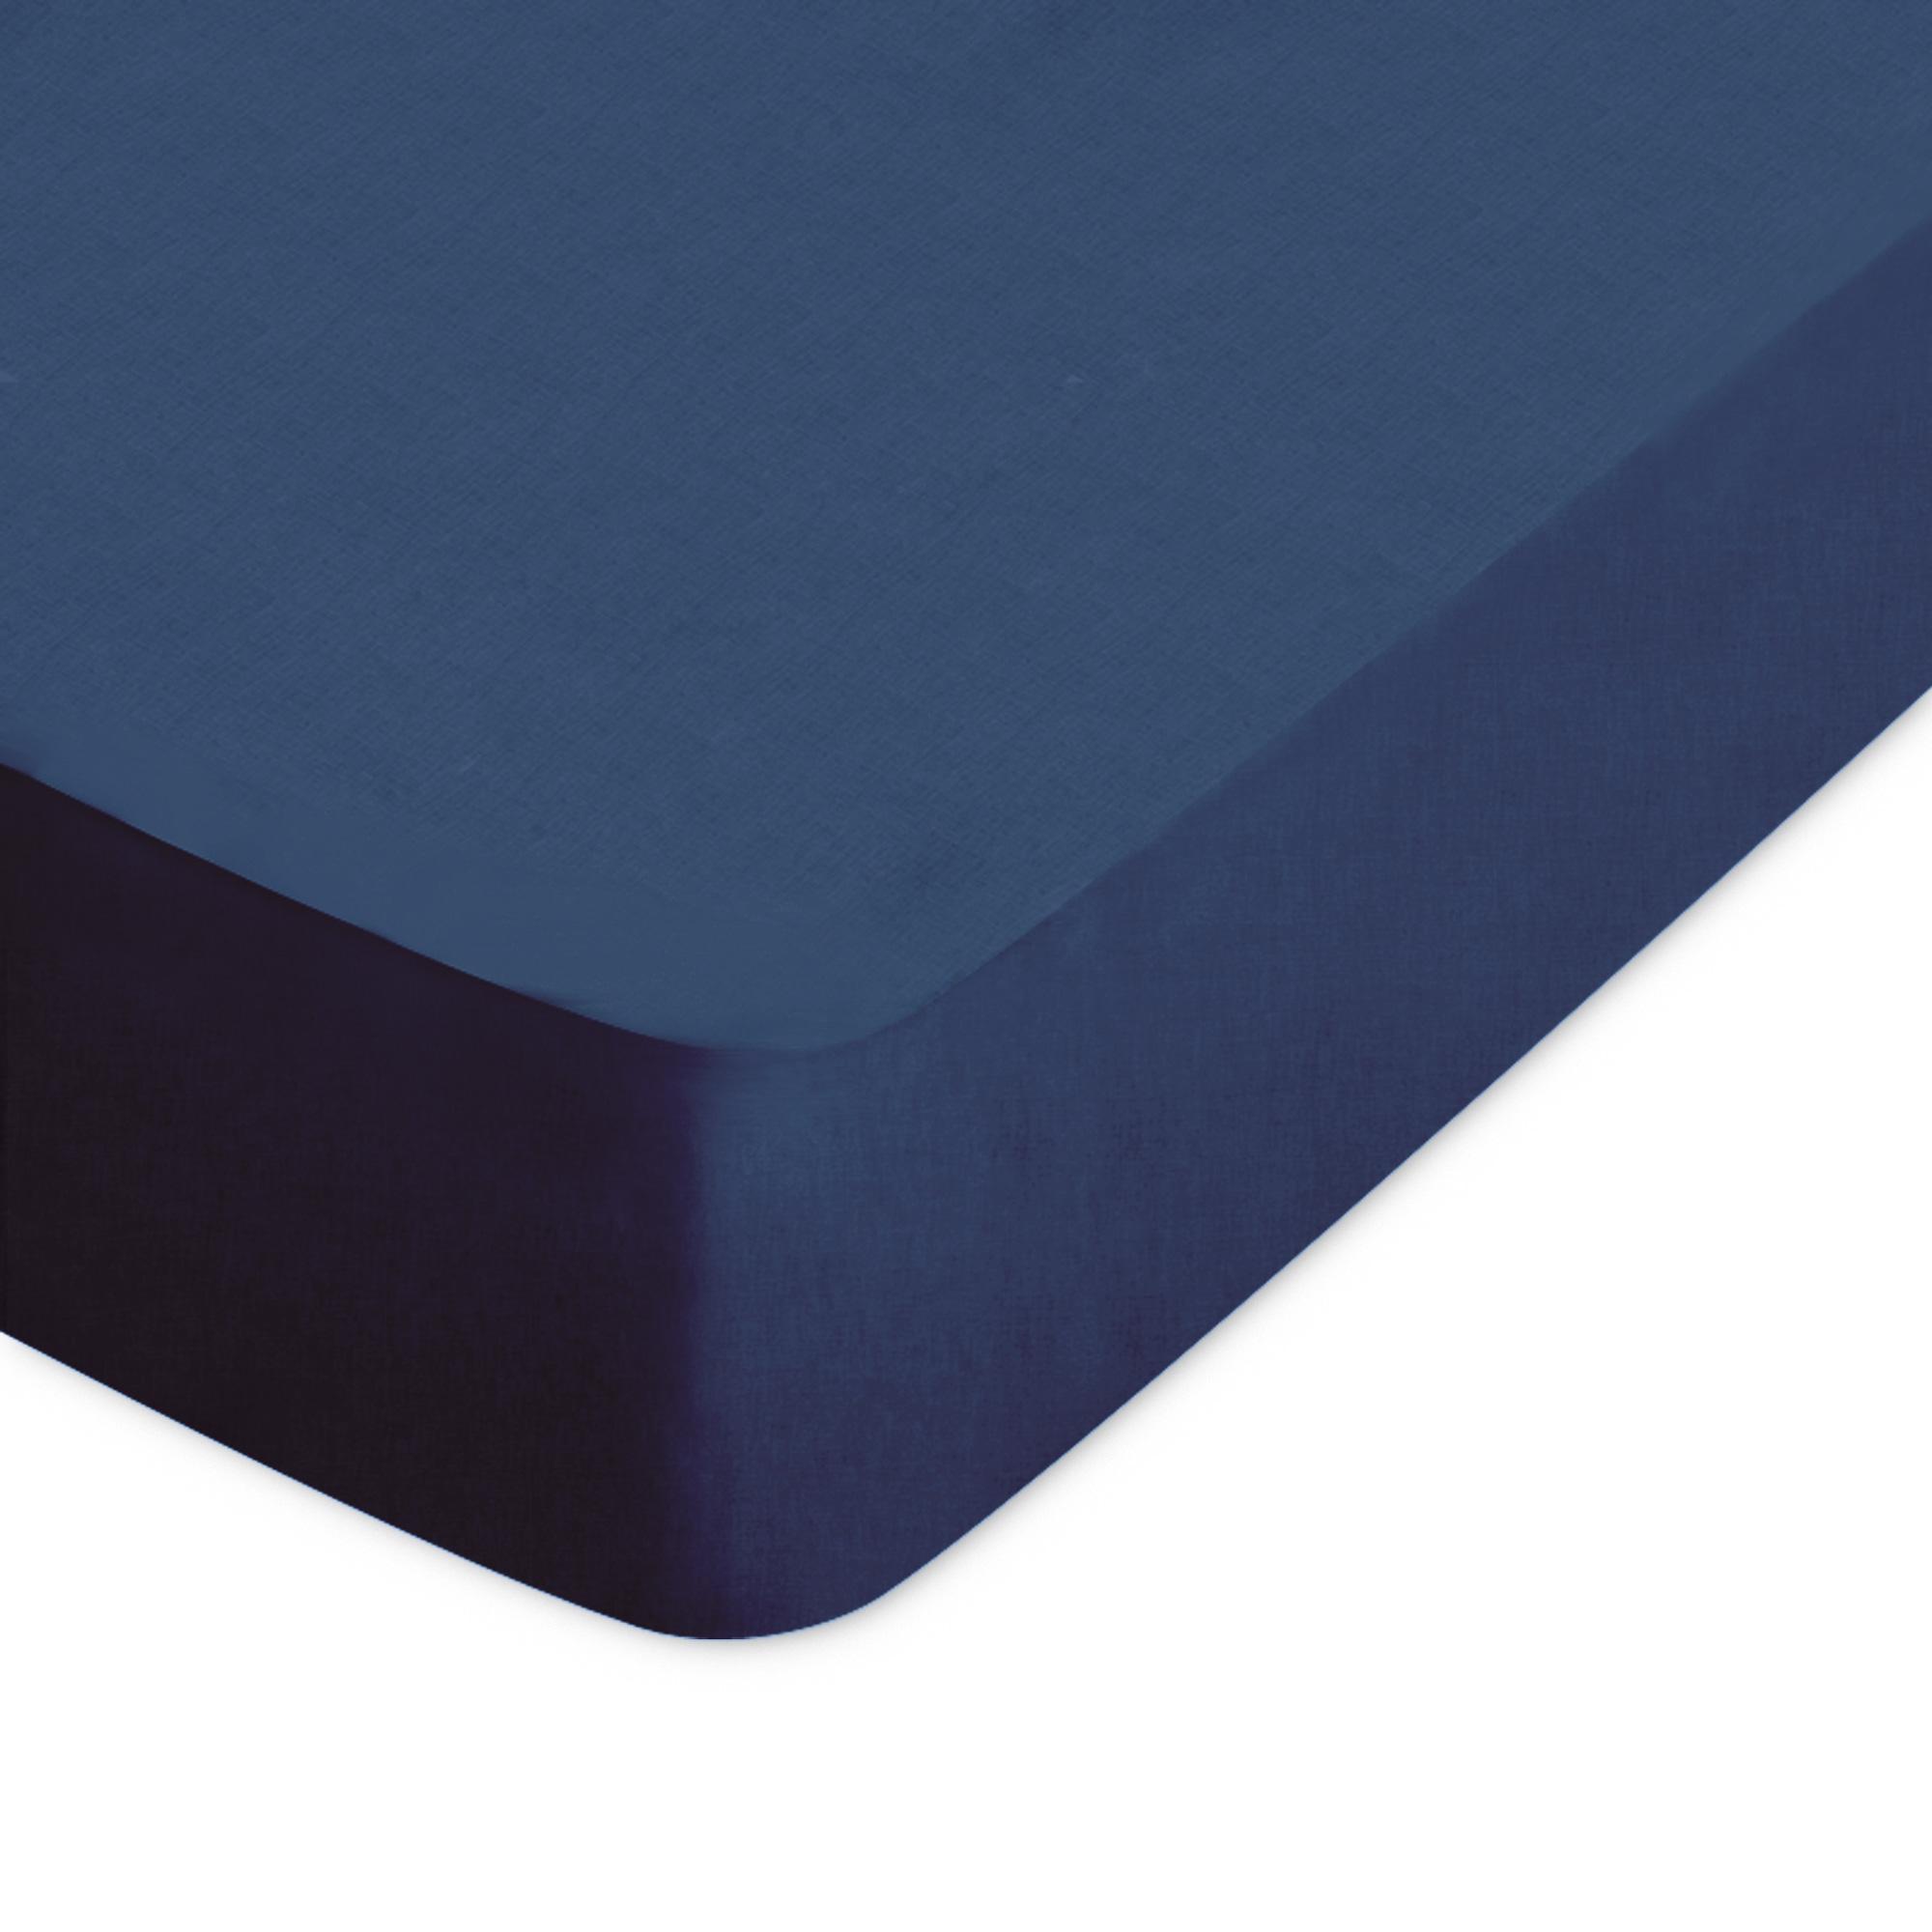 drap housse 180x220cm uni pur coton alto bleu nautic linnea linge de maison et. Black Bedroom Furniture Sets. Home Design Ideas